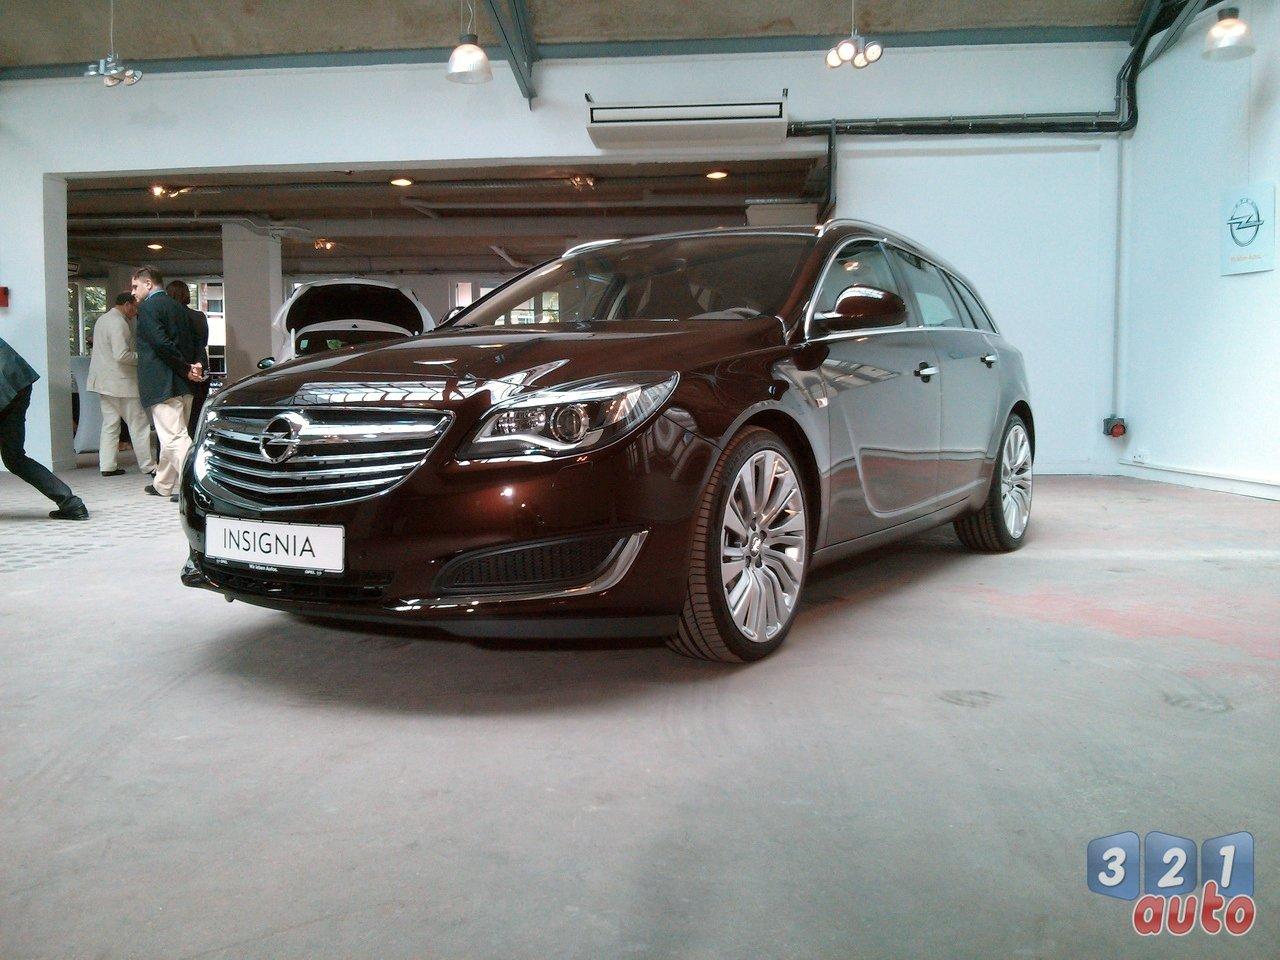 VIDEO - Nous sommes montés à bord de la nouvelle Opel Insignia